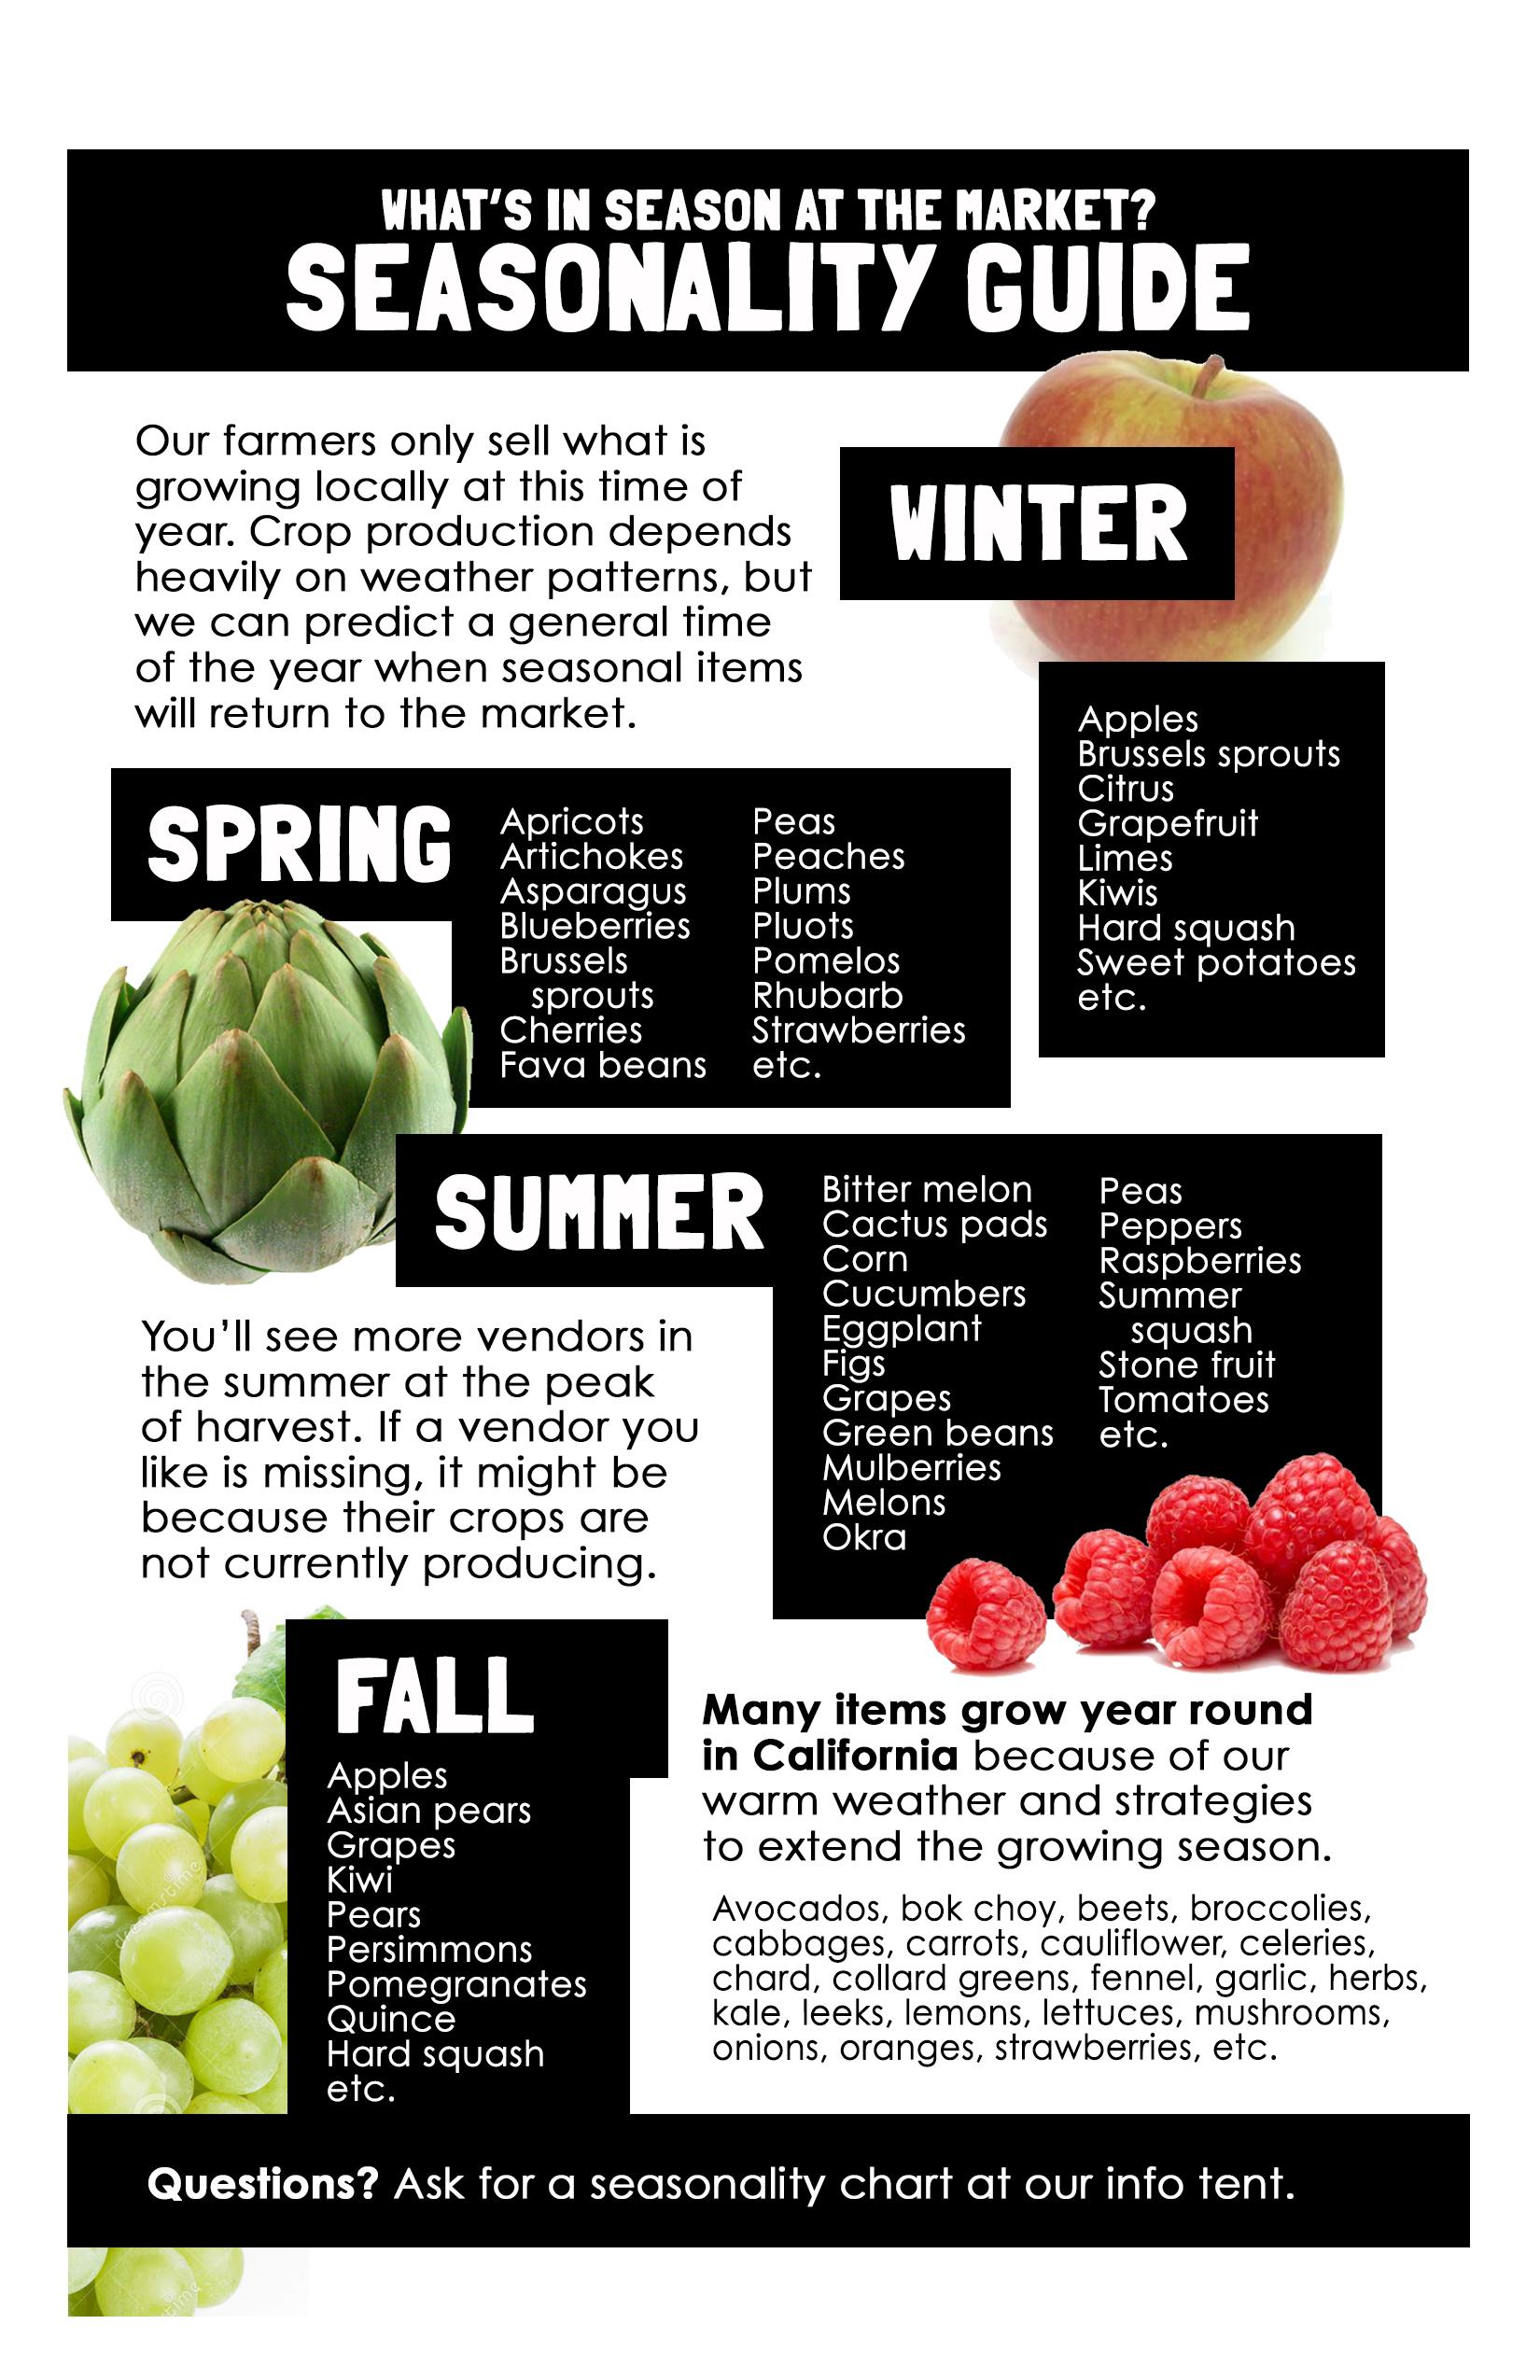 HOCFM Flier_Seasonality Guide.jpg